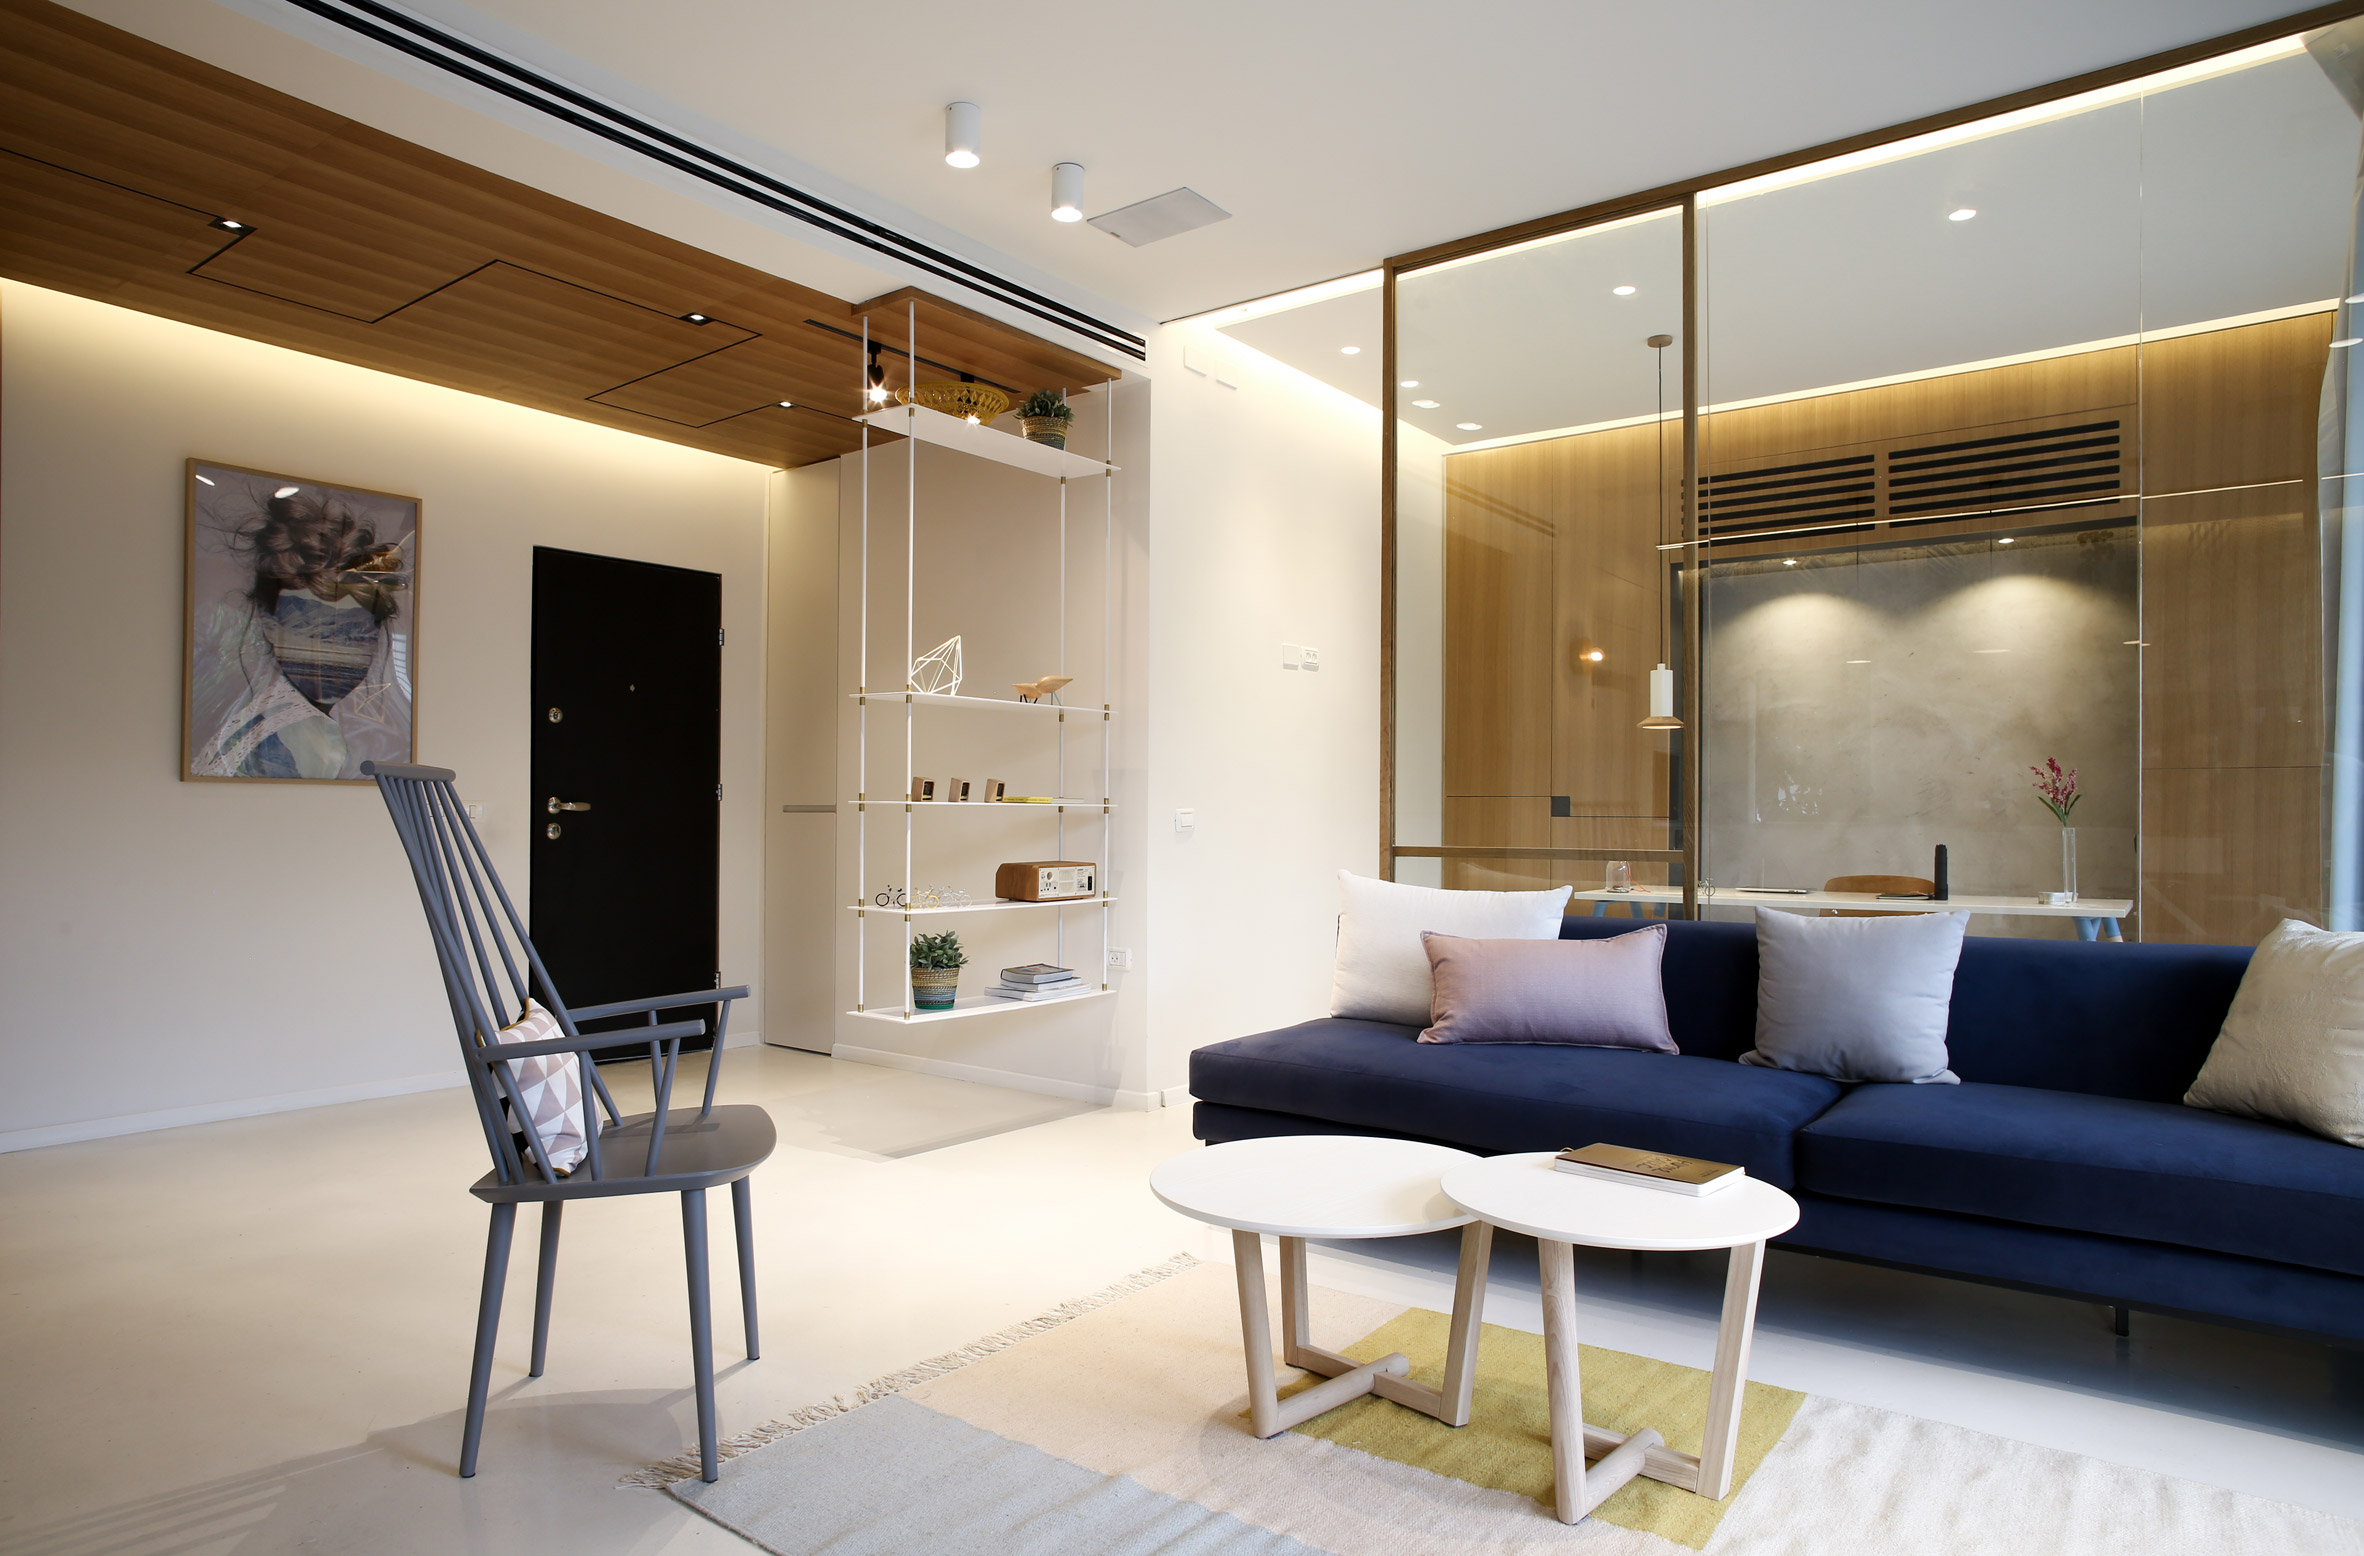 architecture-apartment-tel-aviv-design-studia-interiors-osnovadesign-osnova-poltava_13